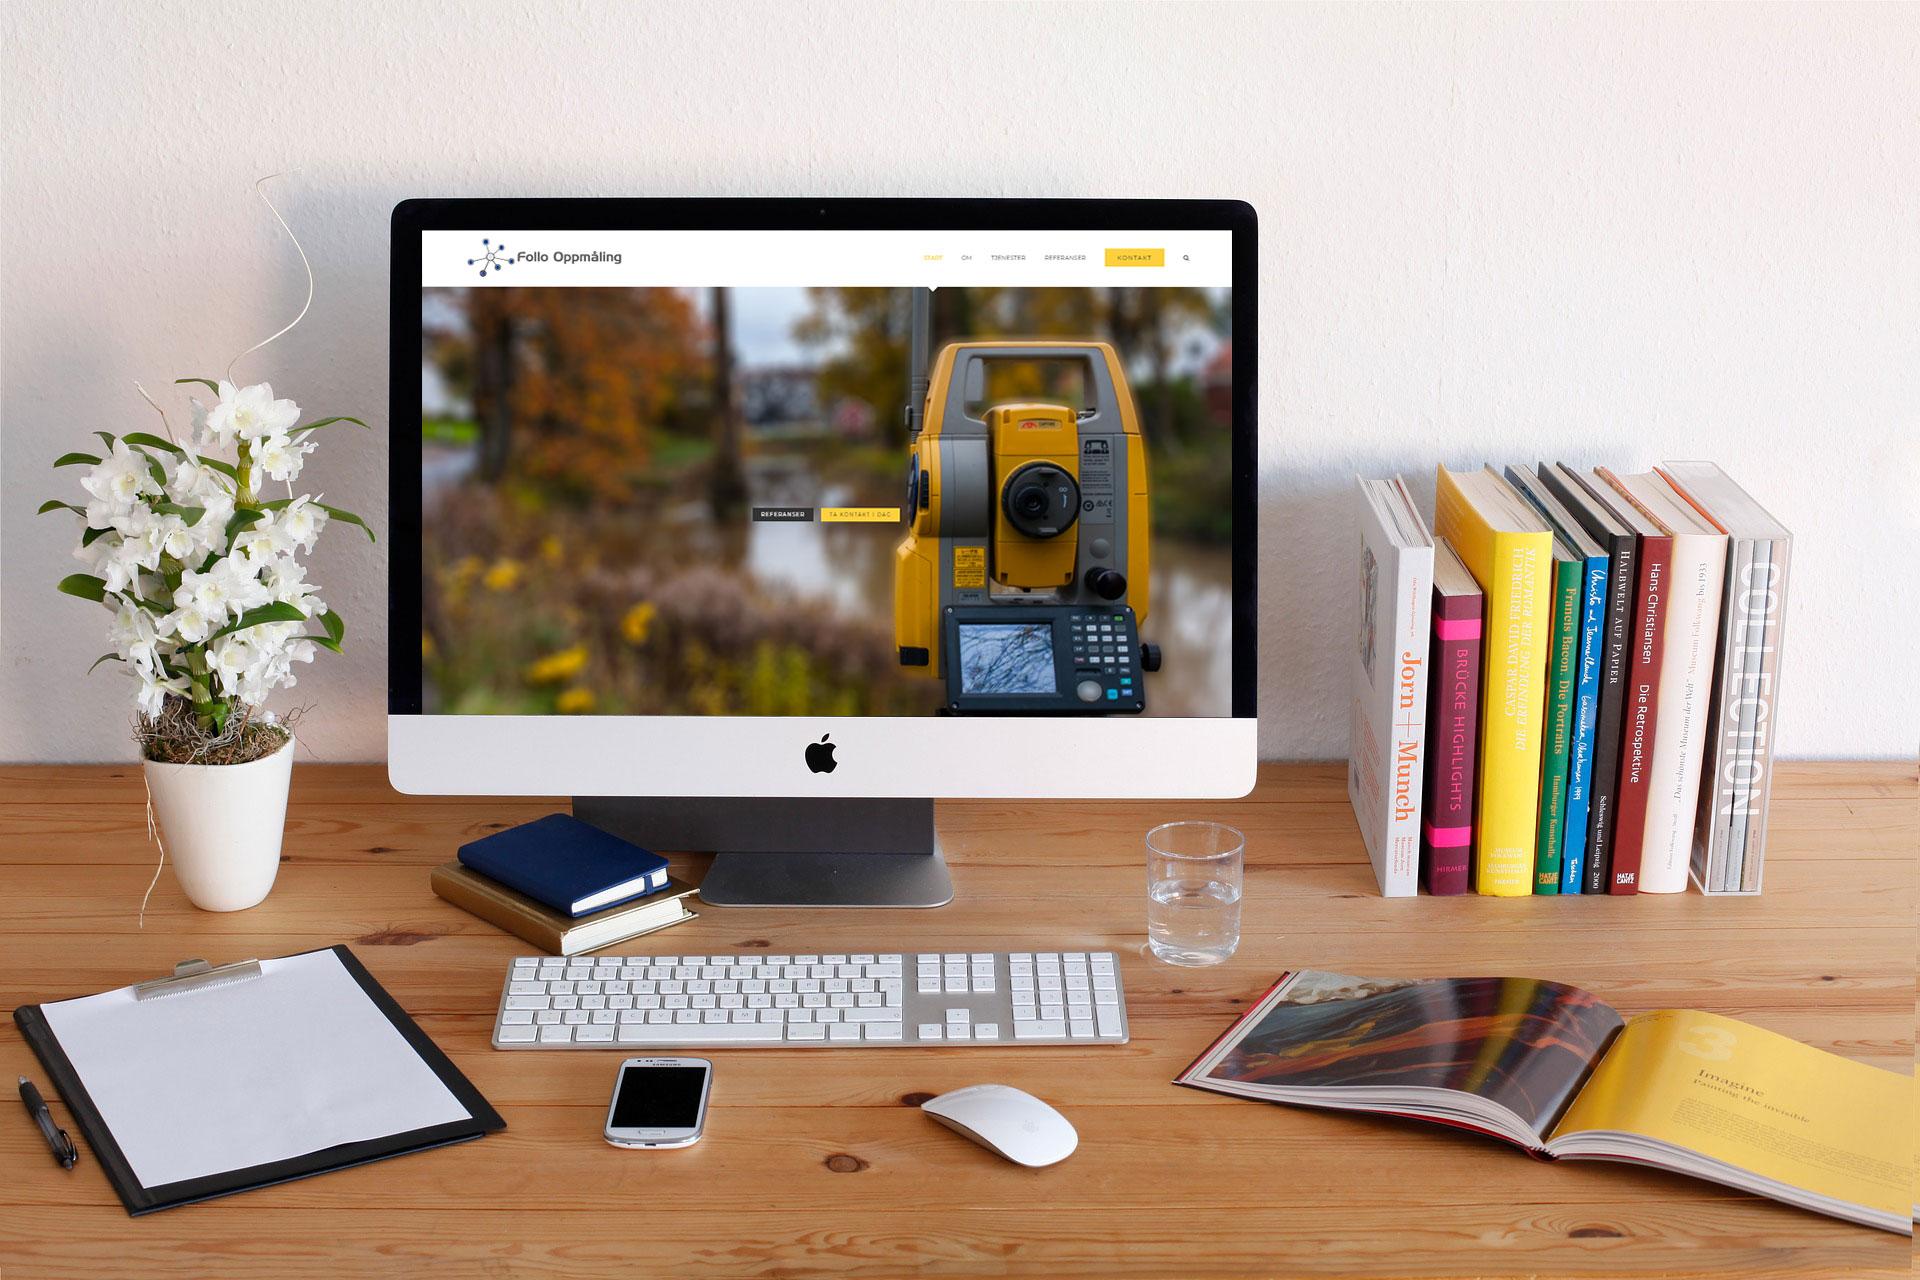 Pult med skrive saker, noen bøker, blomst og skjerm med tilhørende mus og tastatur. På skjermen er Follo oppmåling nye nettside